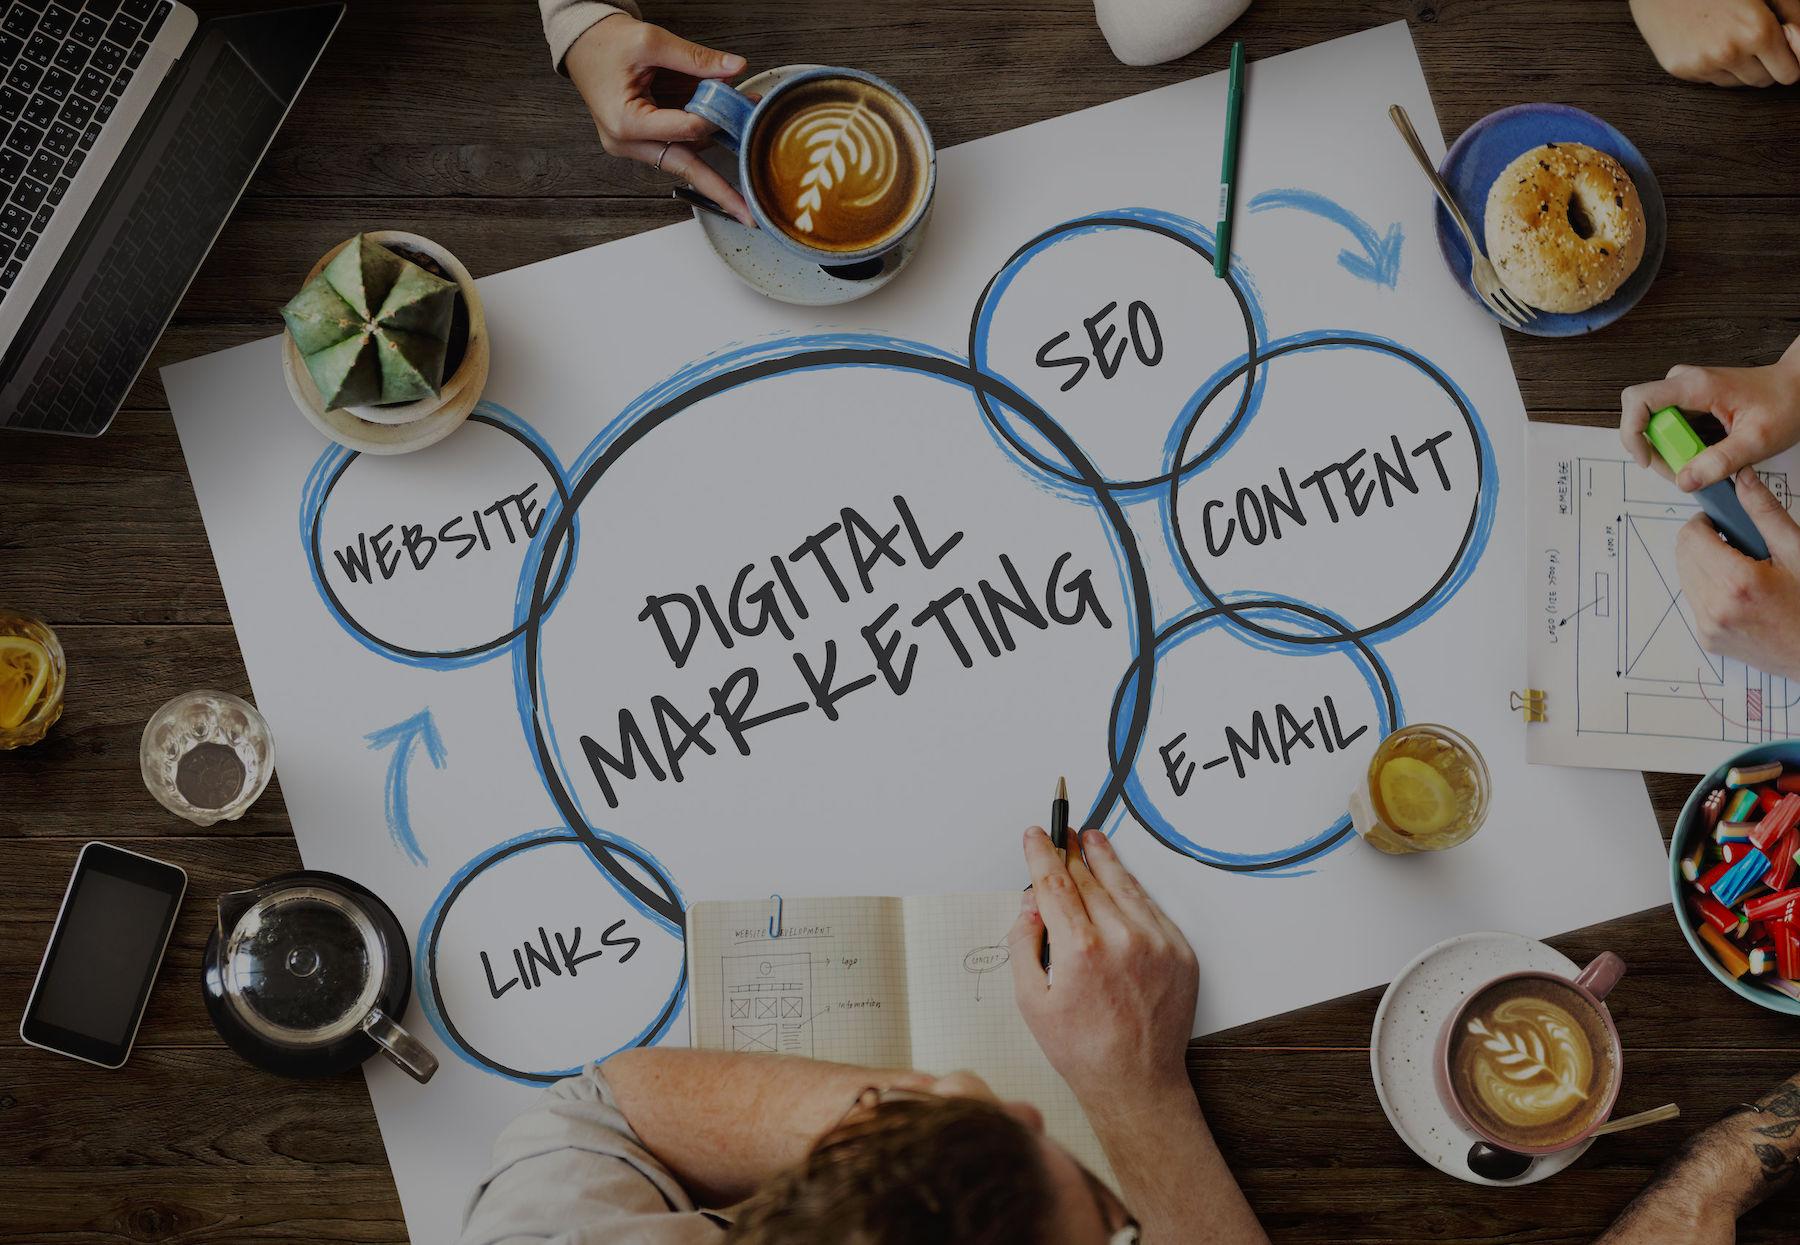 Giaco studio Aumentiamo la visibilità online di brand e aziende